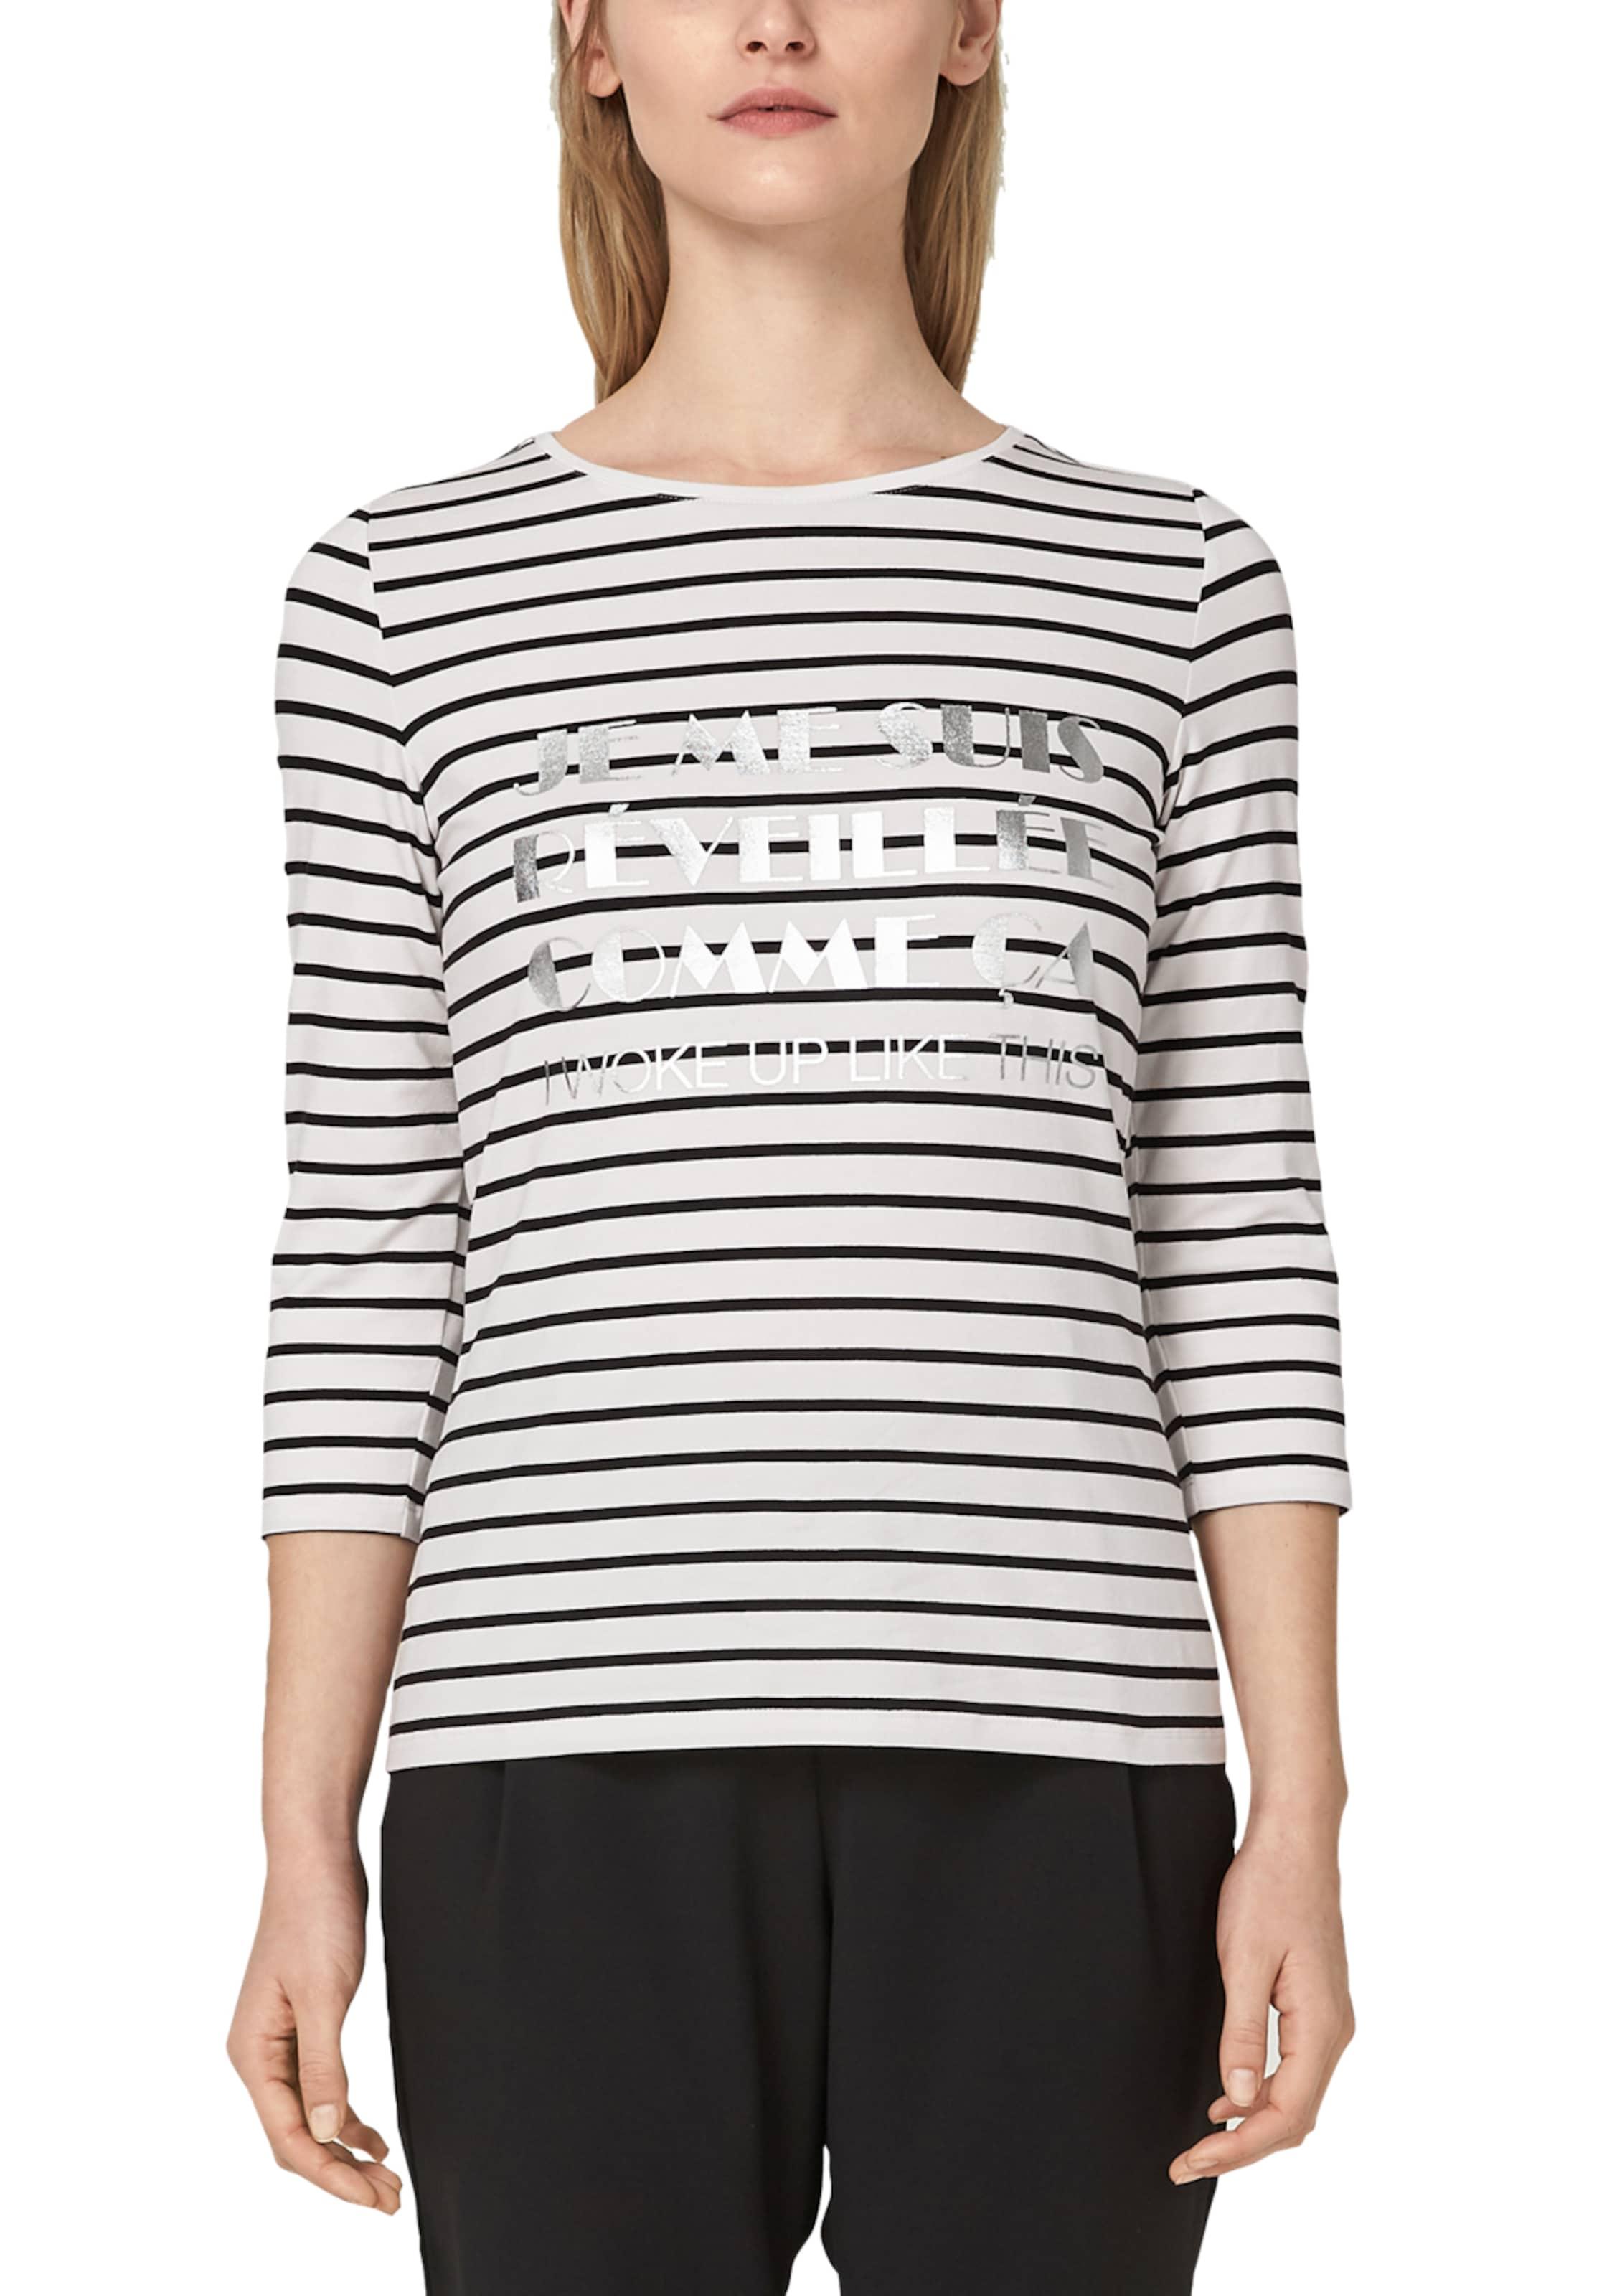 S oliver In Weiß SchwarzSilber Label Shirt Black N0Xk8OPwn